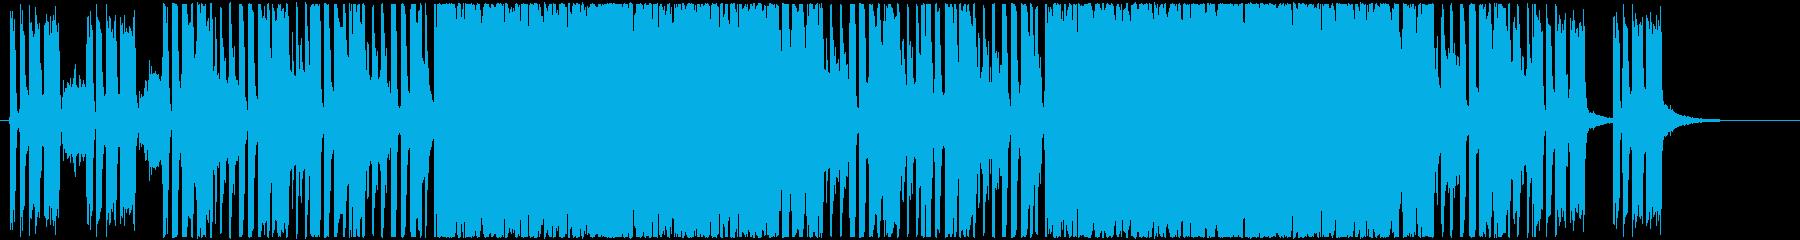 ローリングストーンズ風ギターロックの再生済みの波形